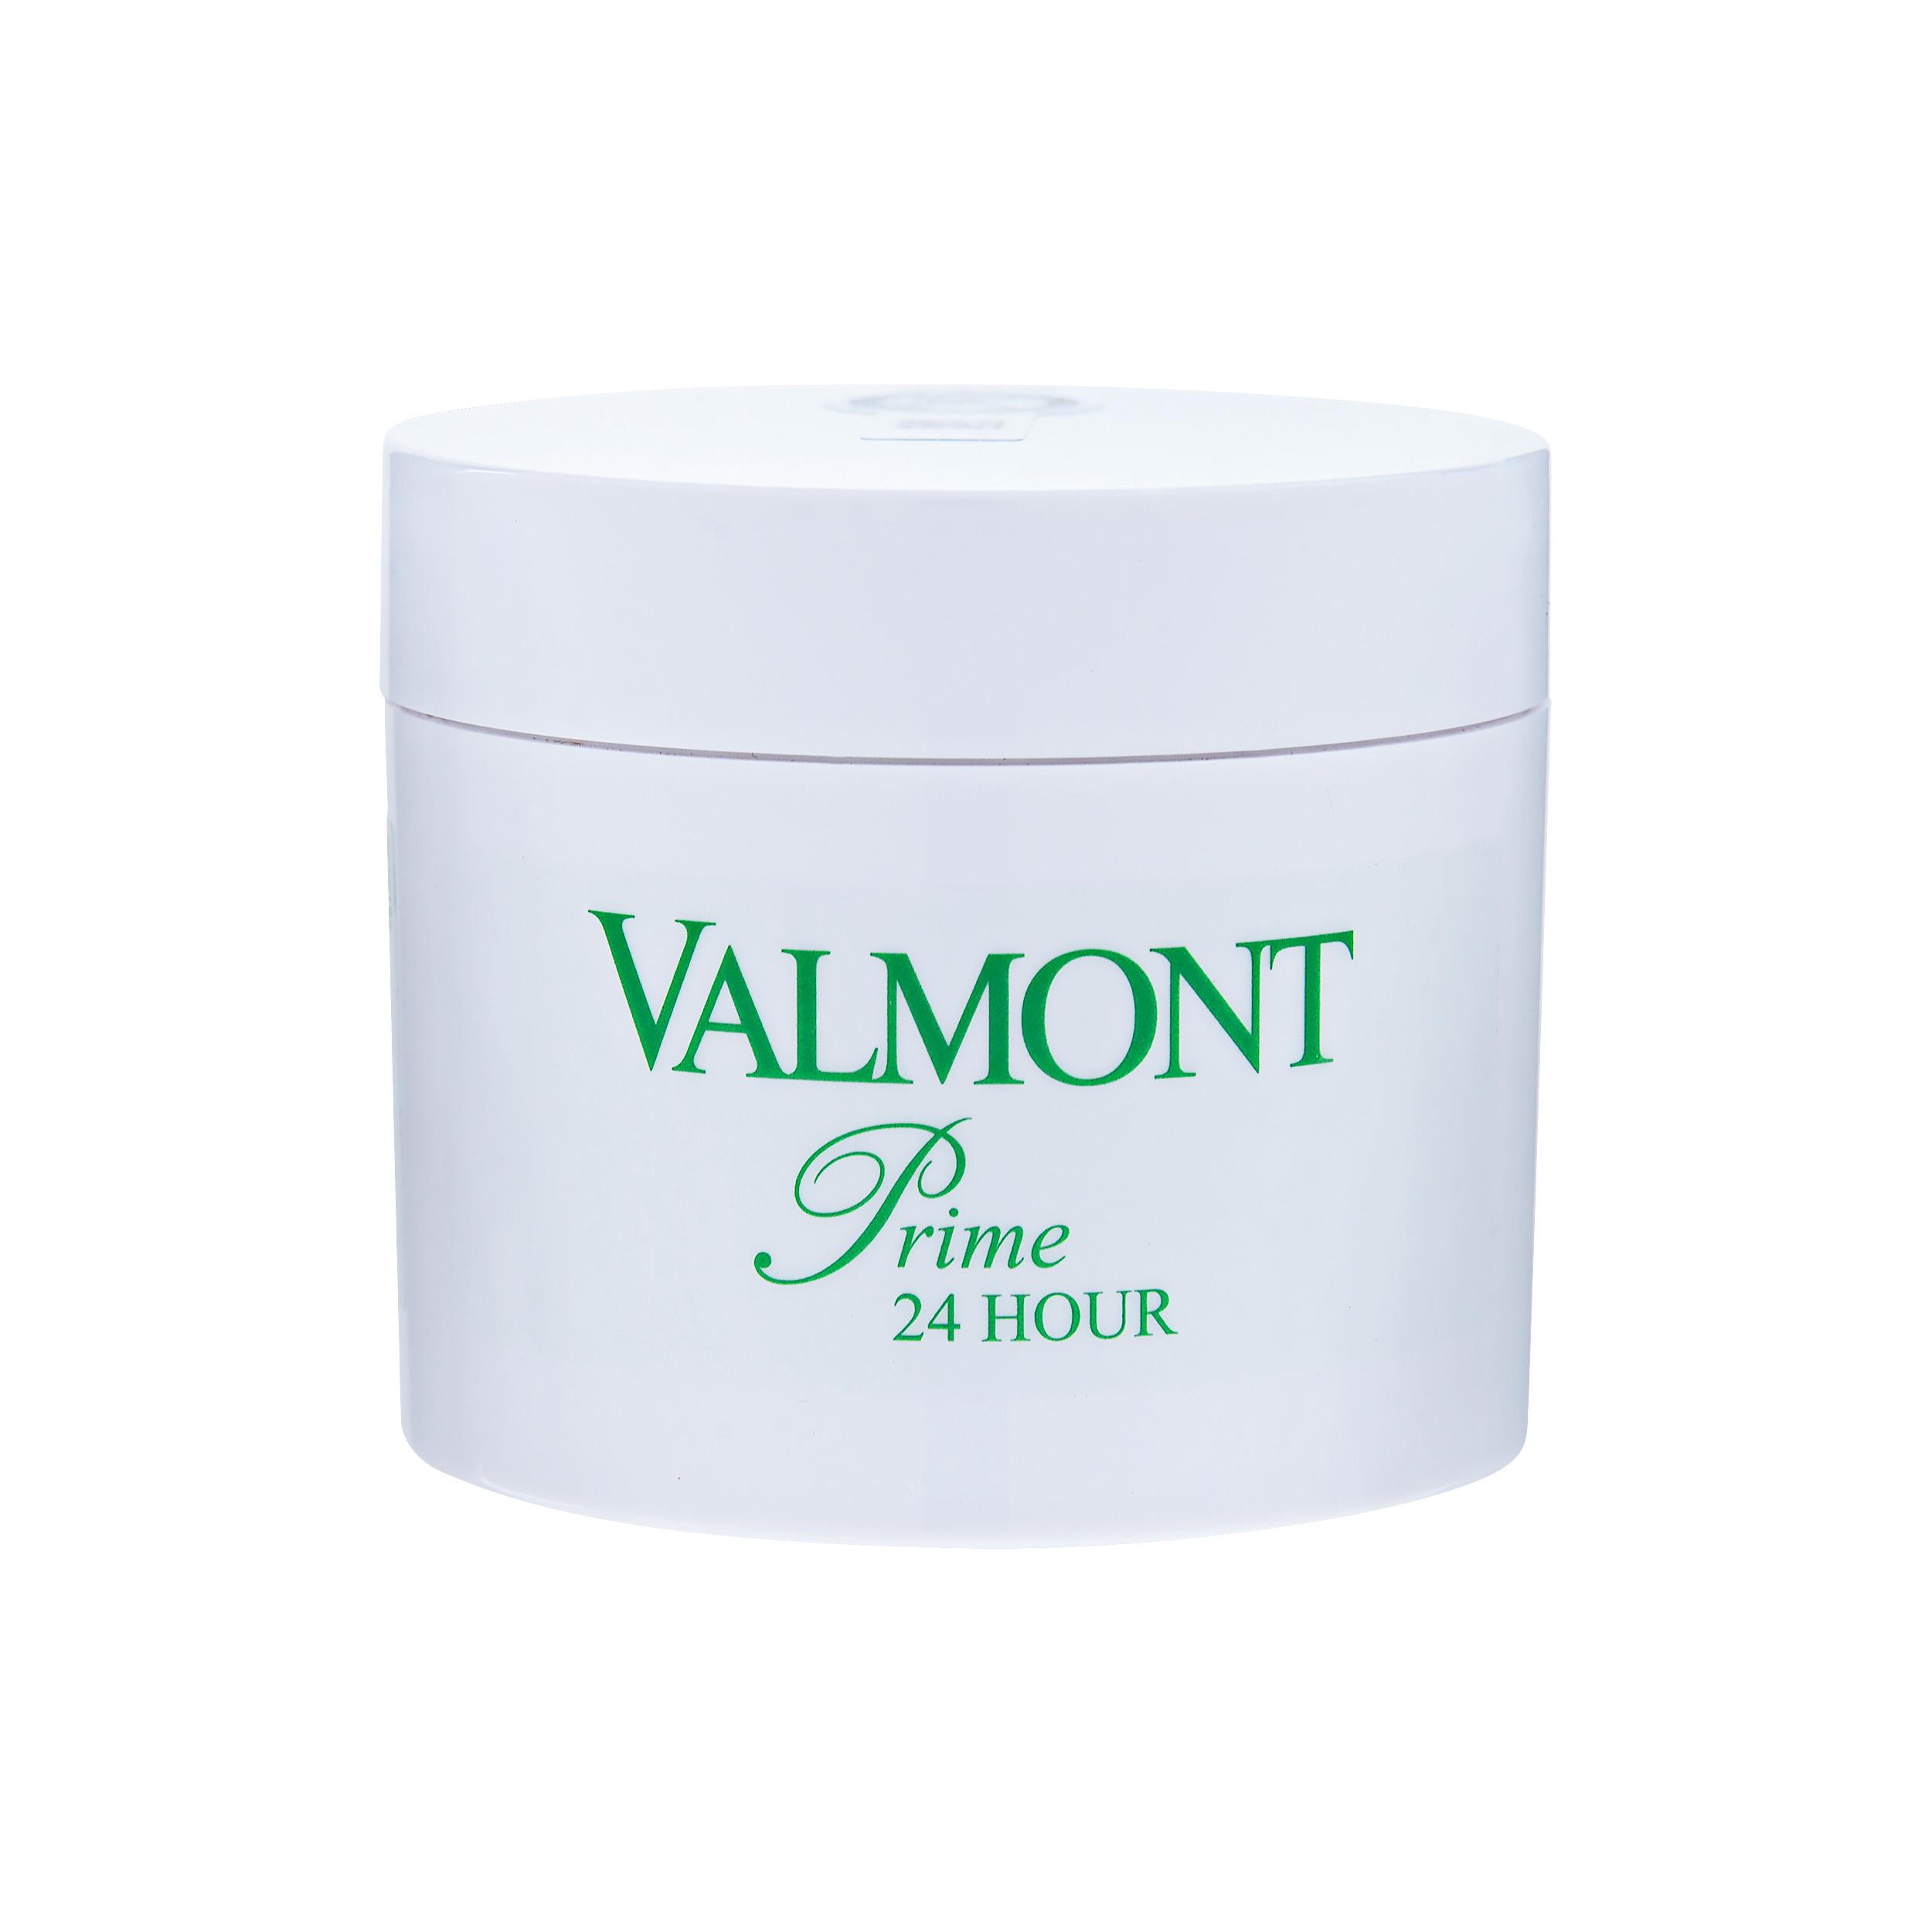 ヴァルモン プライム 24H<サロンサイズ> 100ml